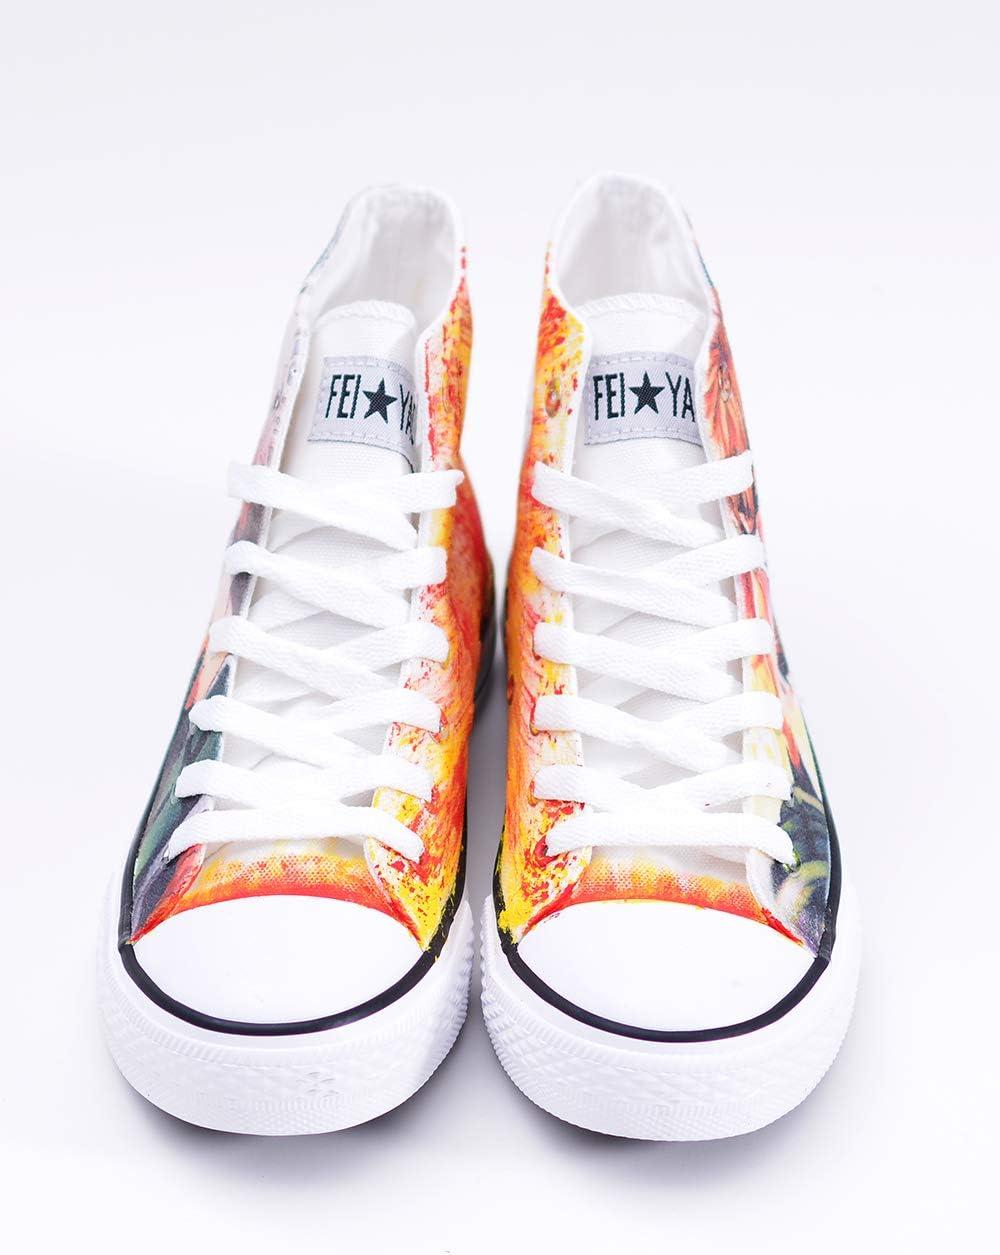 Telacos My Hero Academia Izuku Midoriya Katsuki Bakugo Shoto Stade d'Cosplay Chaussures Toile Chaussures Sneakers Shoto Todoroki